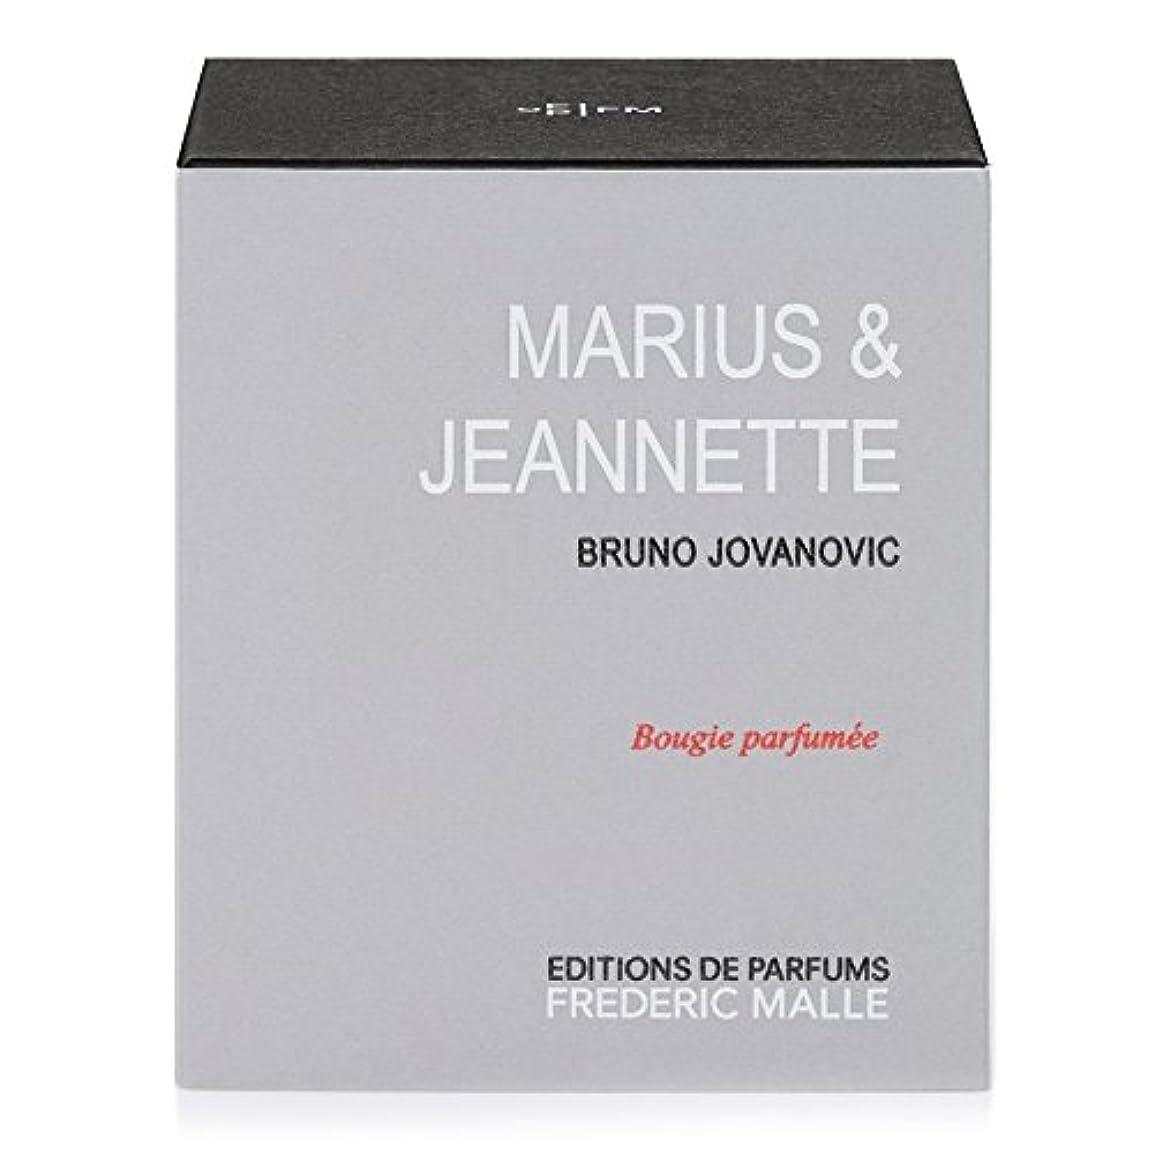 欠乏レンジ見通しフレデリック?マル とジャネット?香りのキャンドル x6 - Frederic Malle Maruis and Jeanette Scented Candle (Pack of 6) [並行輸入品]